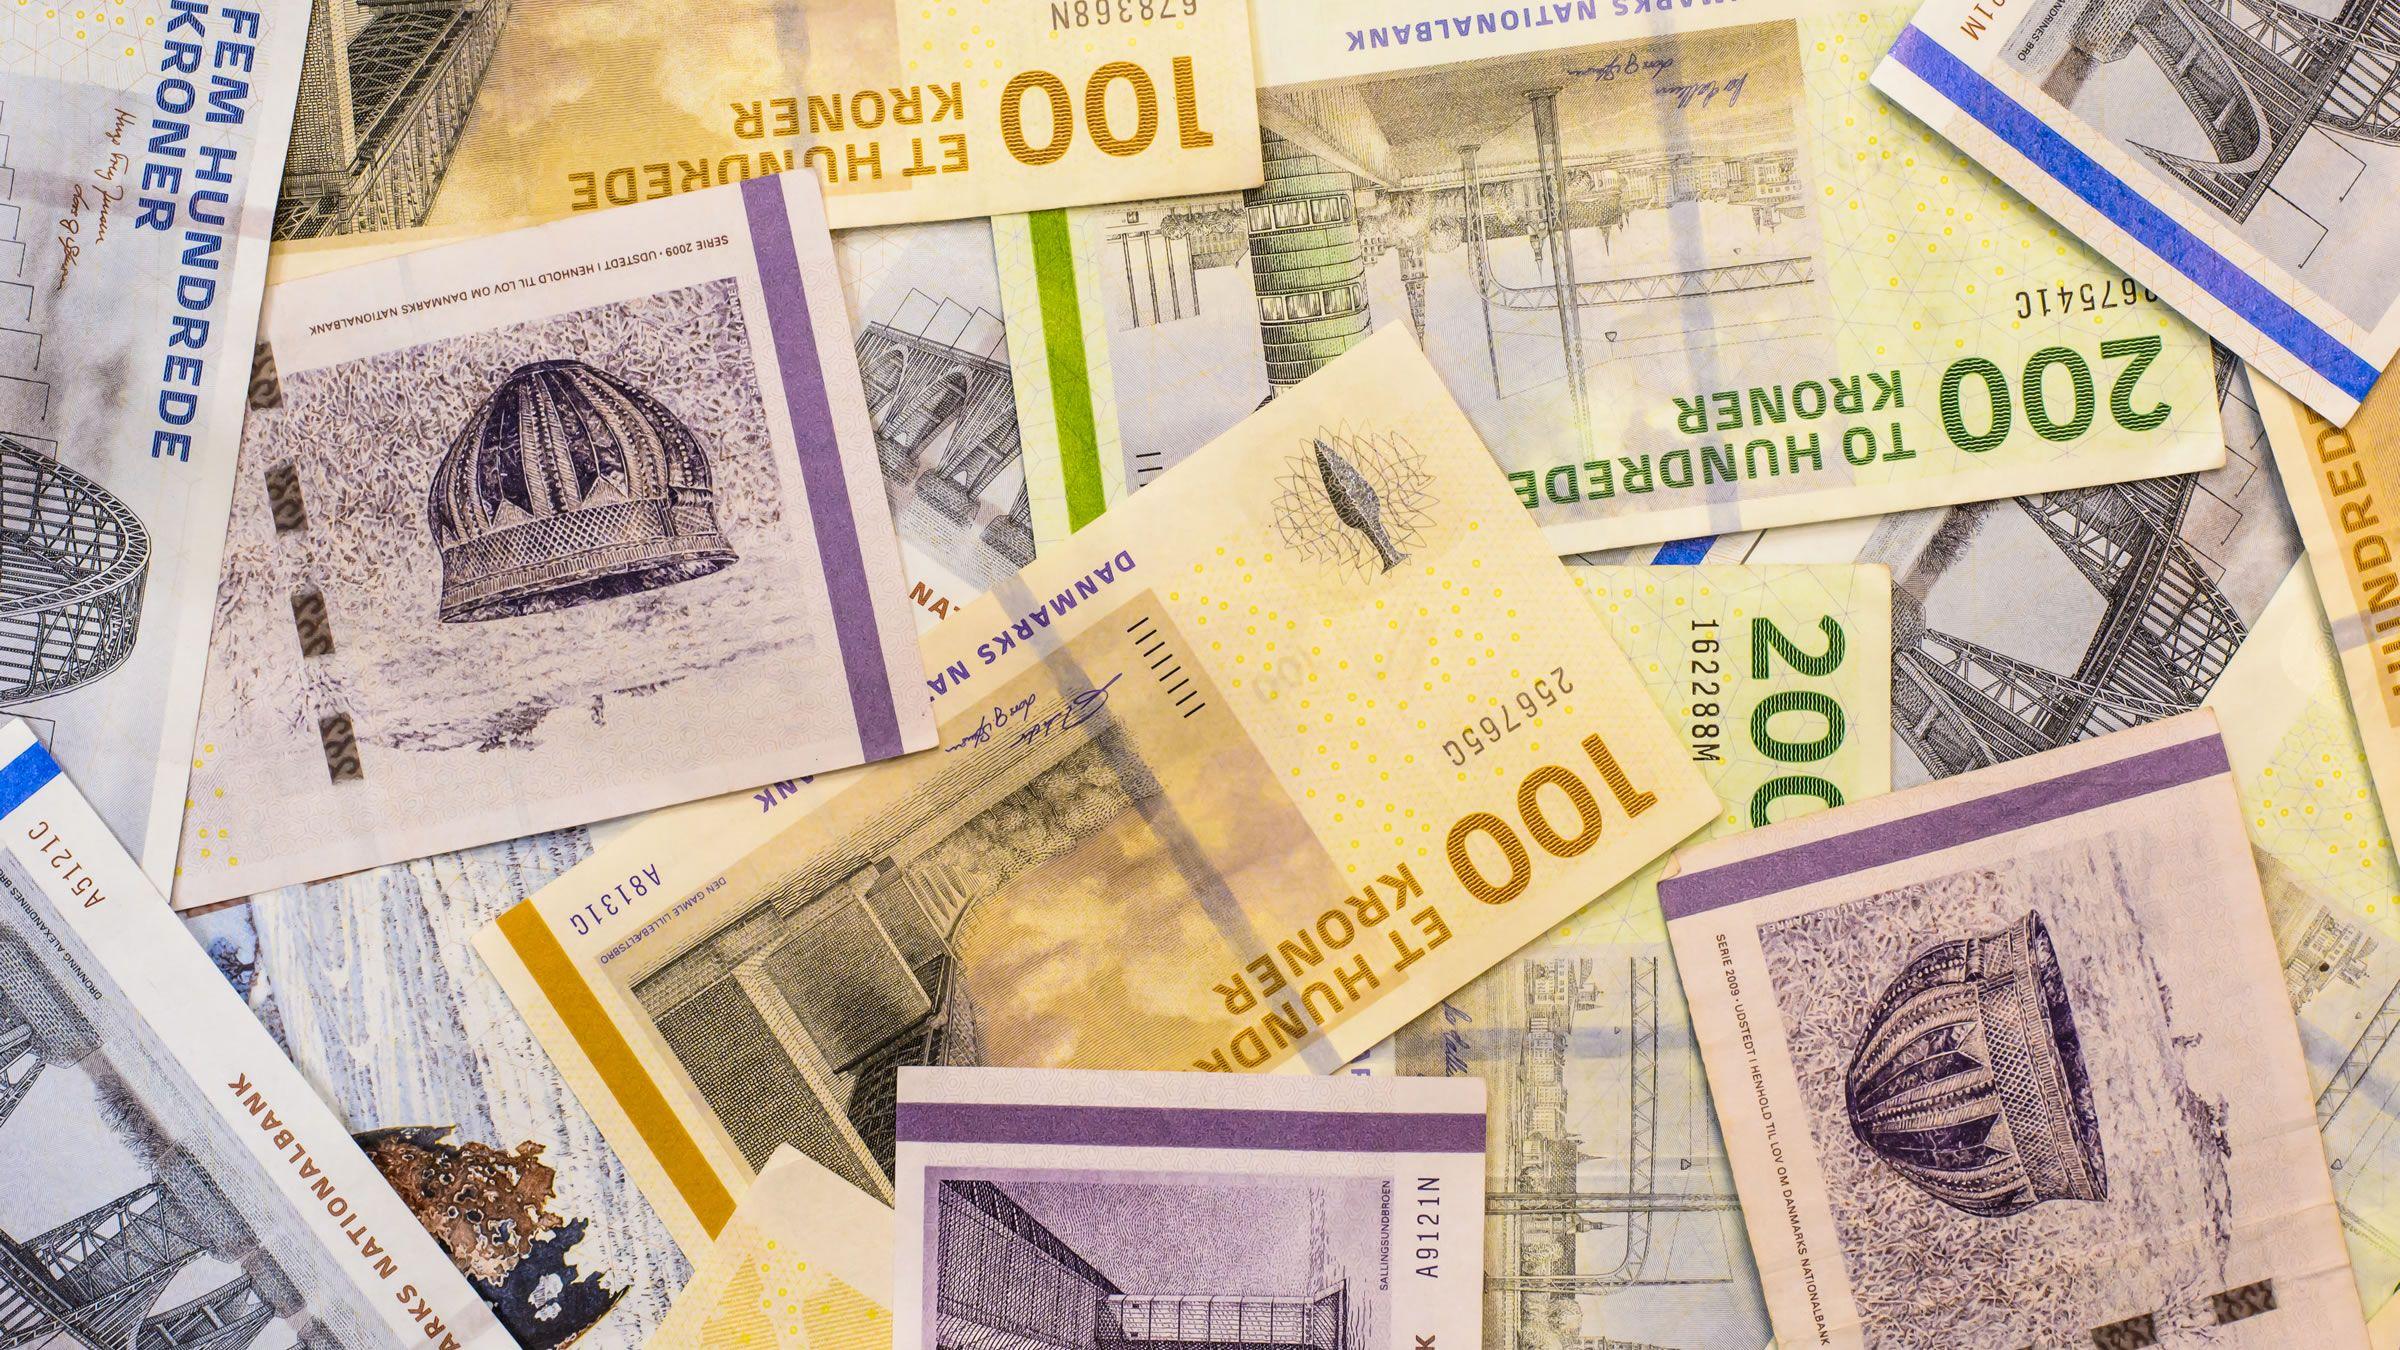 93 mejores imágenes de Monedas del mundo | Monedas, Billetes, Libra egipcia